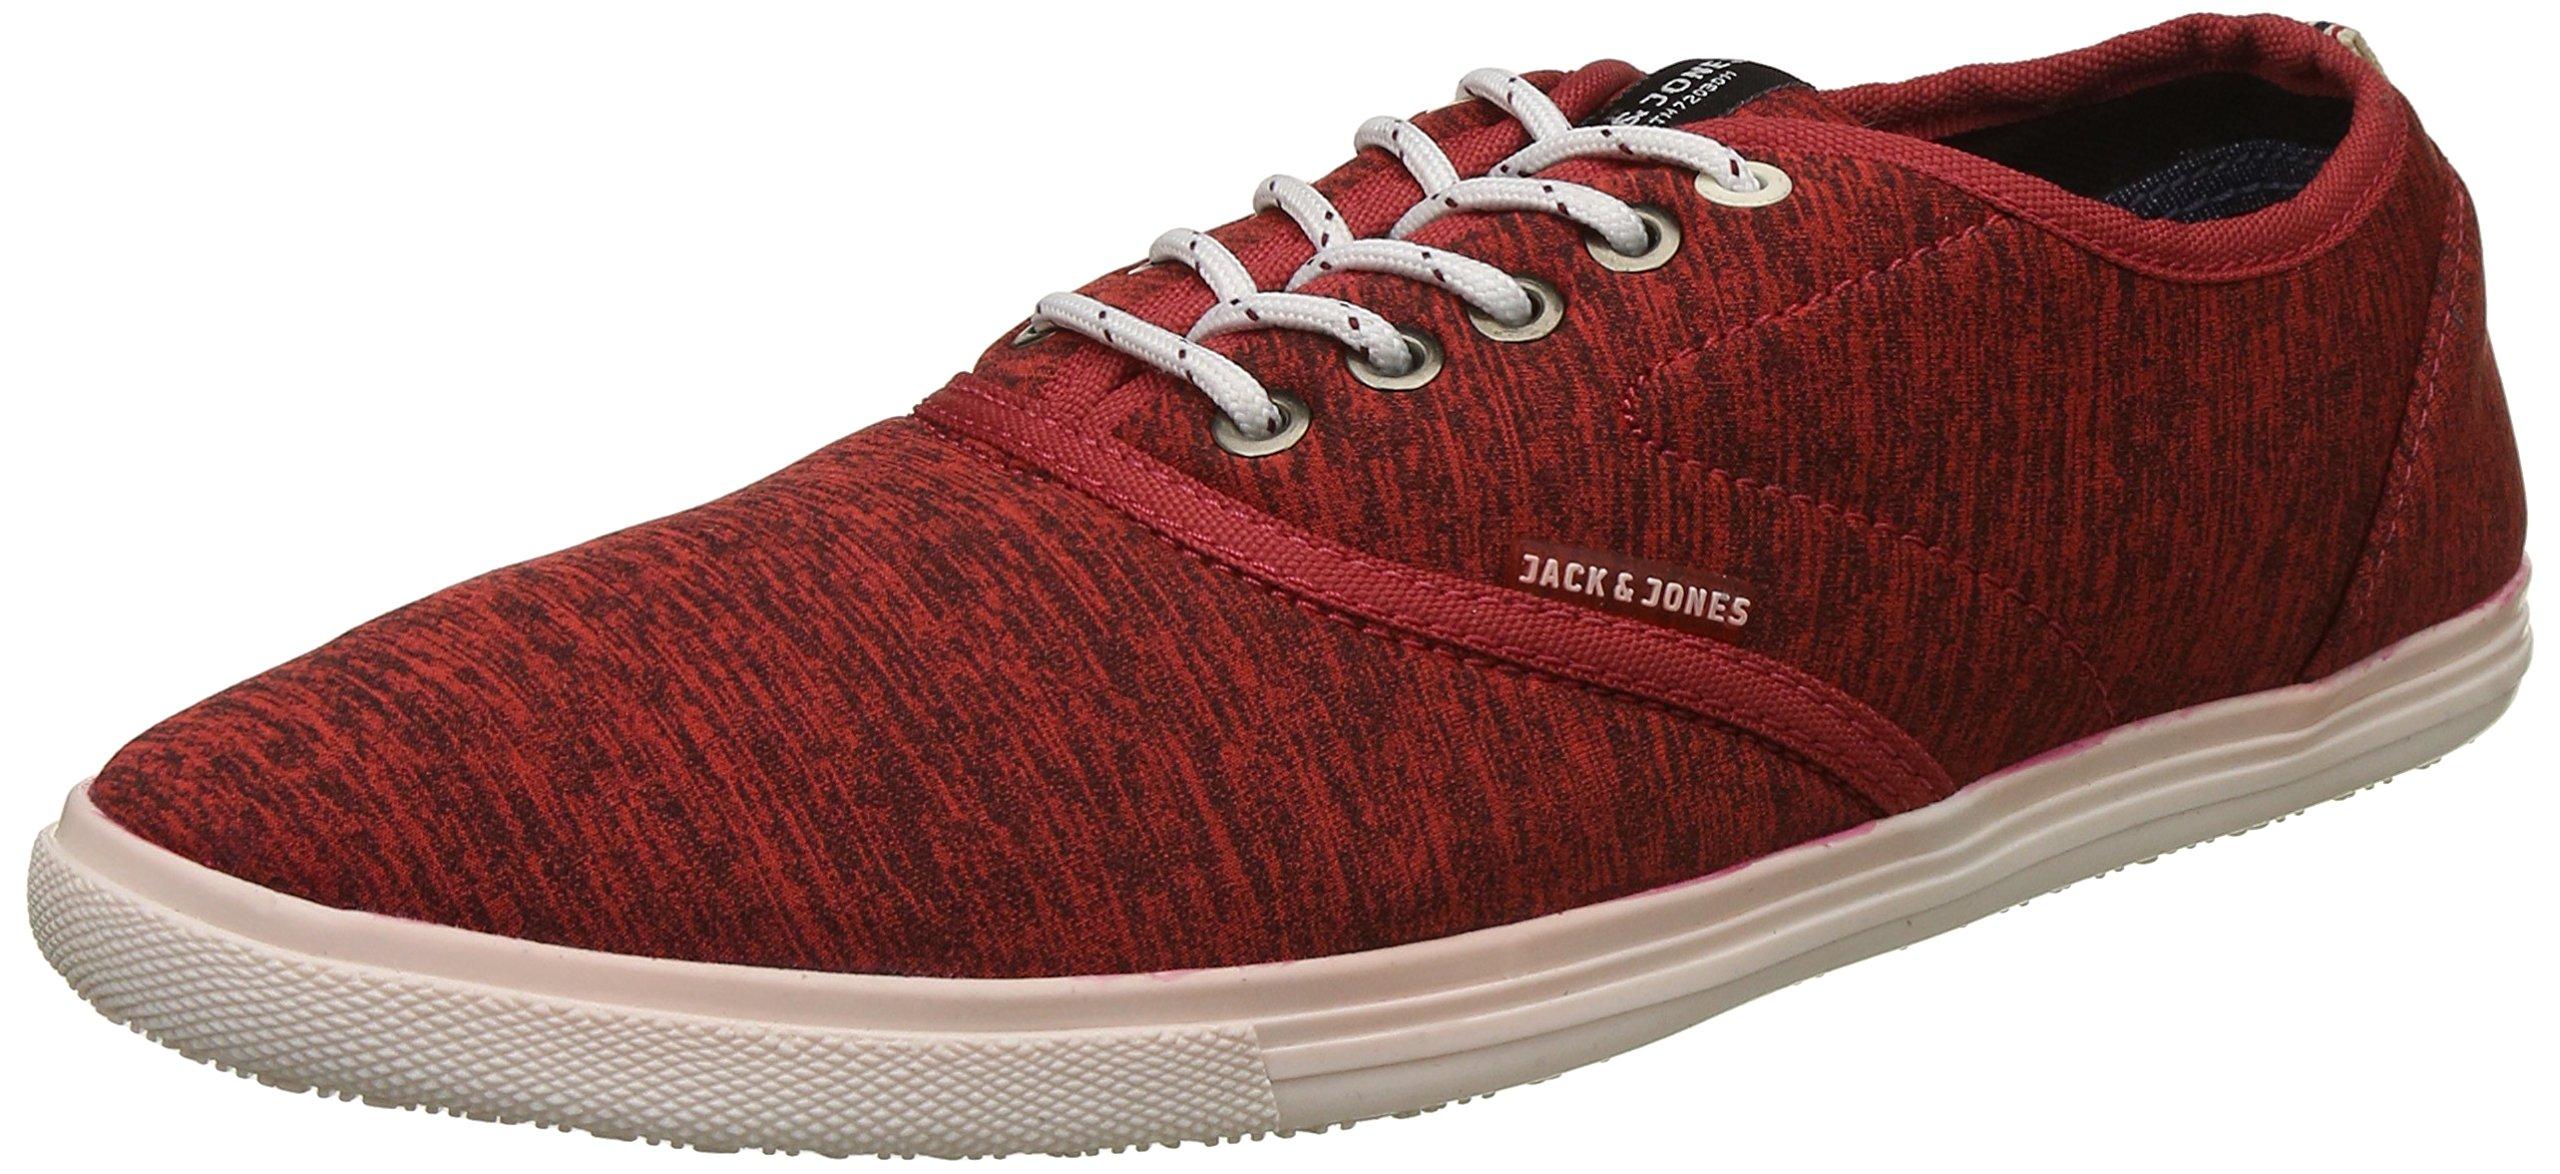 Jack & Jones Men's Sneakers product image